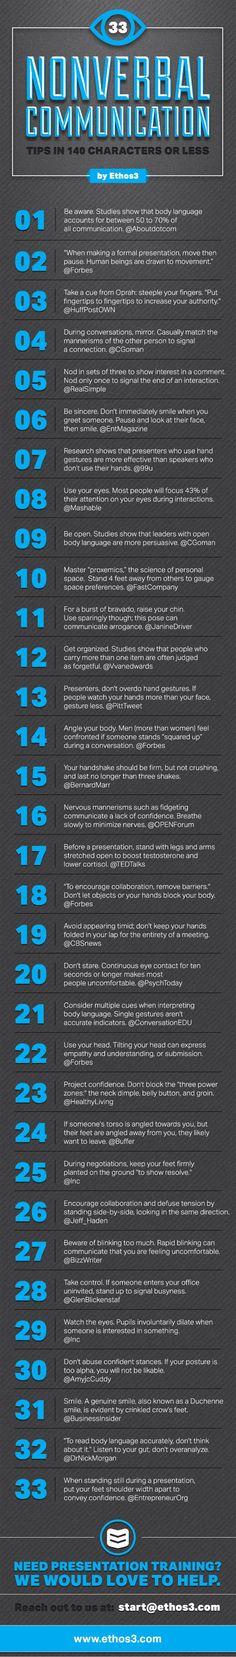 33 consejos sobre comunicación no verbal en 140 caracteres #infografia marketing